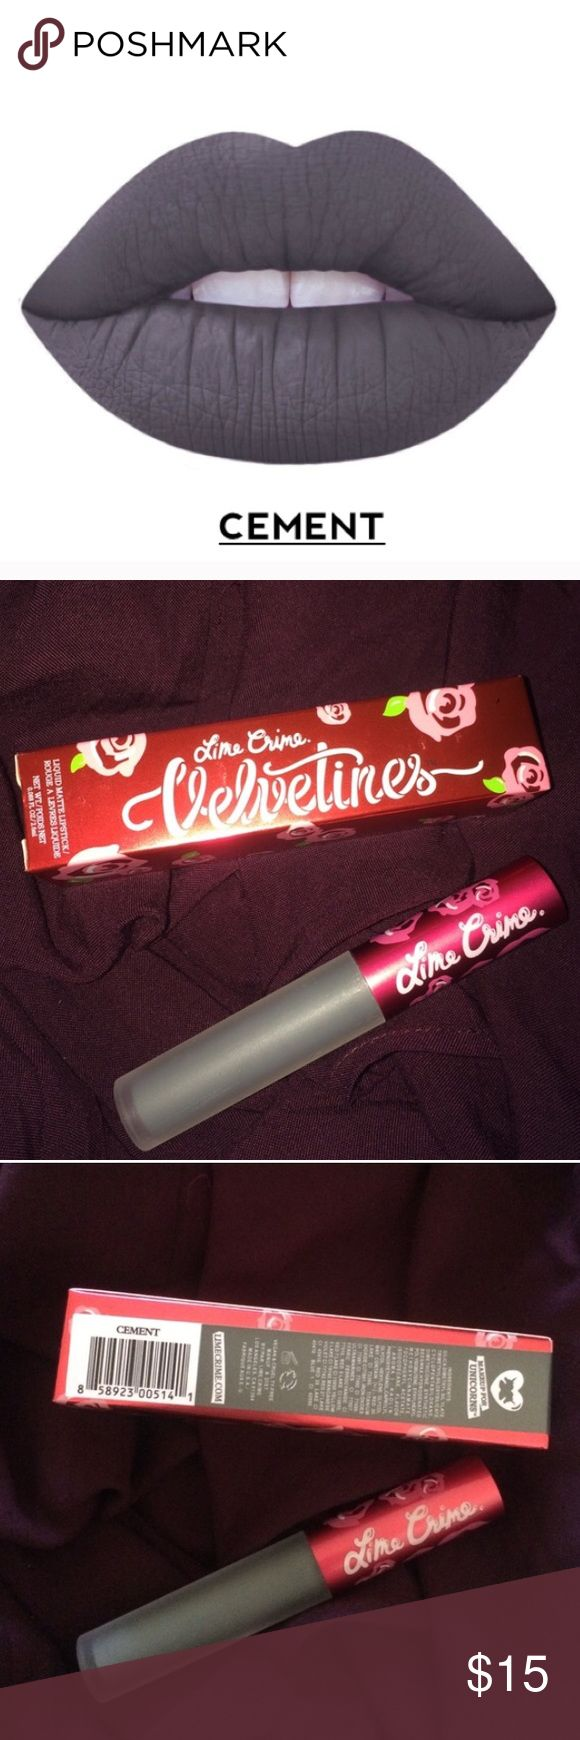 cement limecrime matte liquid lipstick brand new in box liquid to matte formula wears